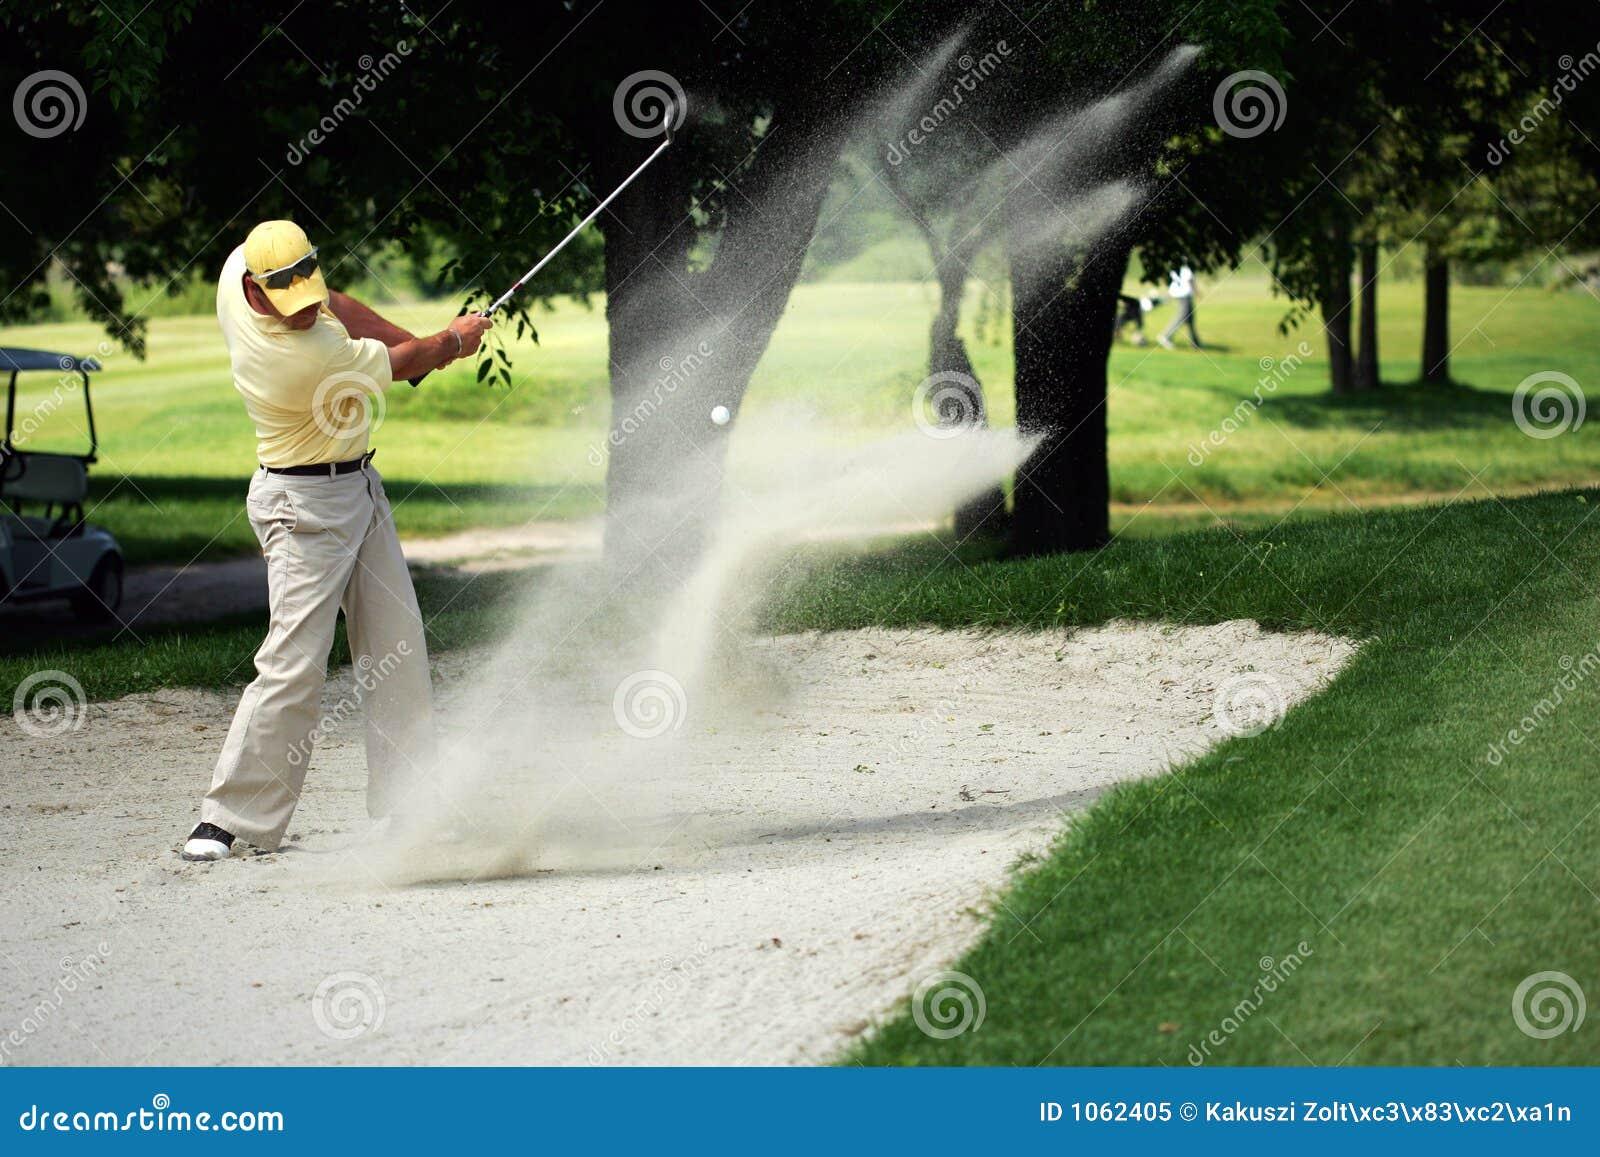 Golf Send Technic